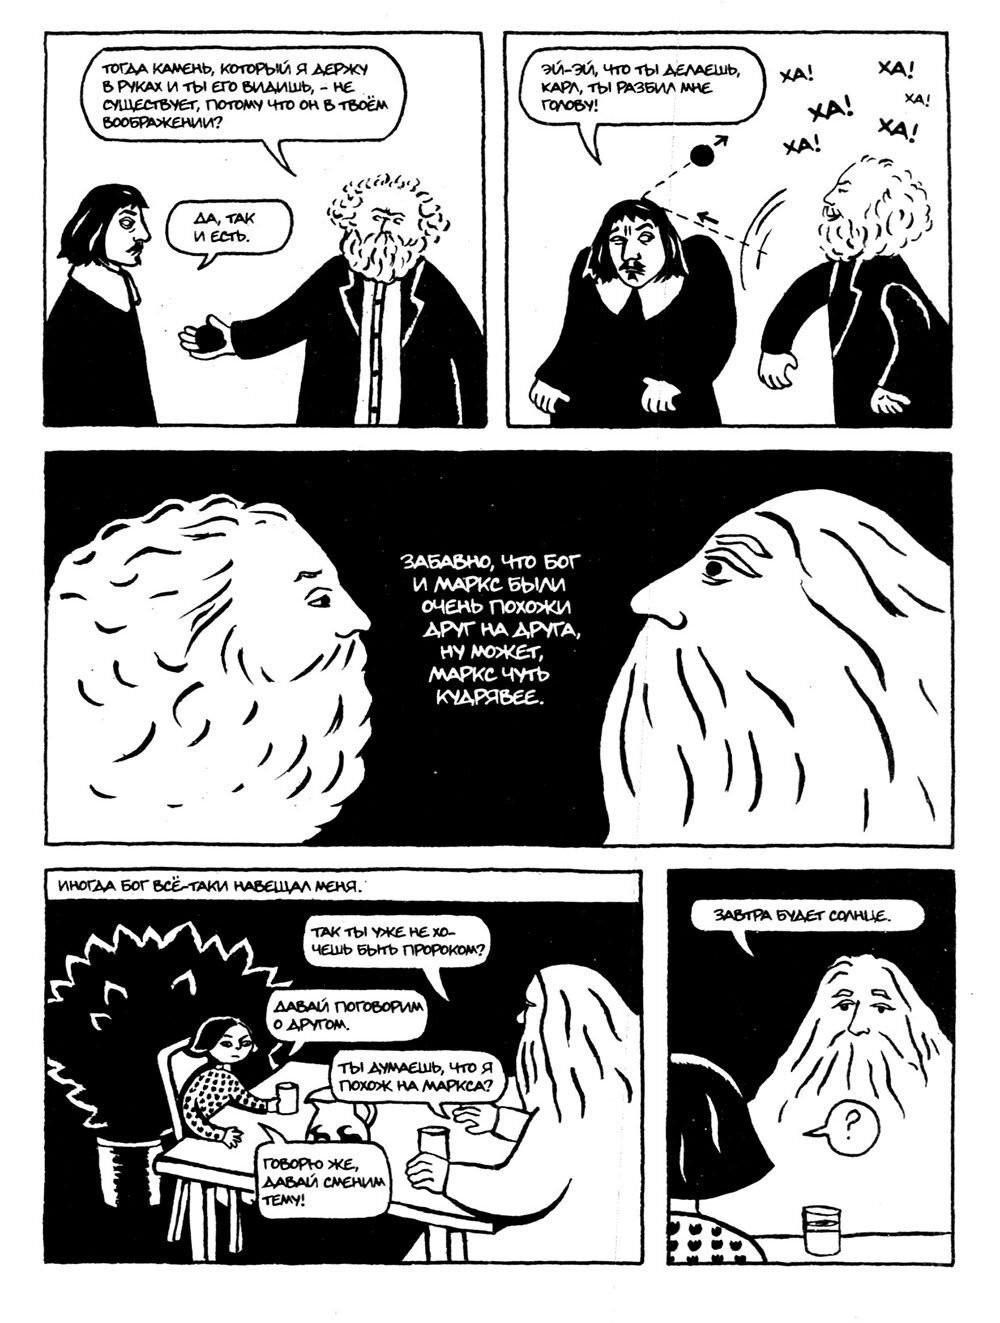 Исторический комикс Персеполис, Маржан Сатрапи. Том 1. Страница 12. Блог о комиксах Vaes Okshn